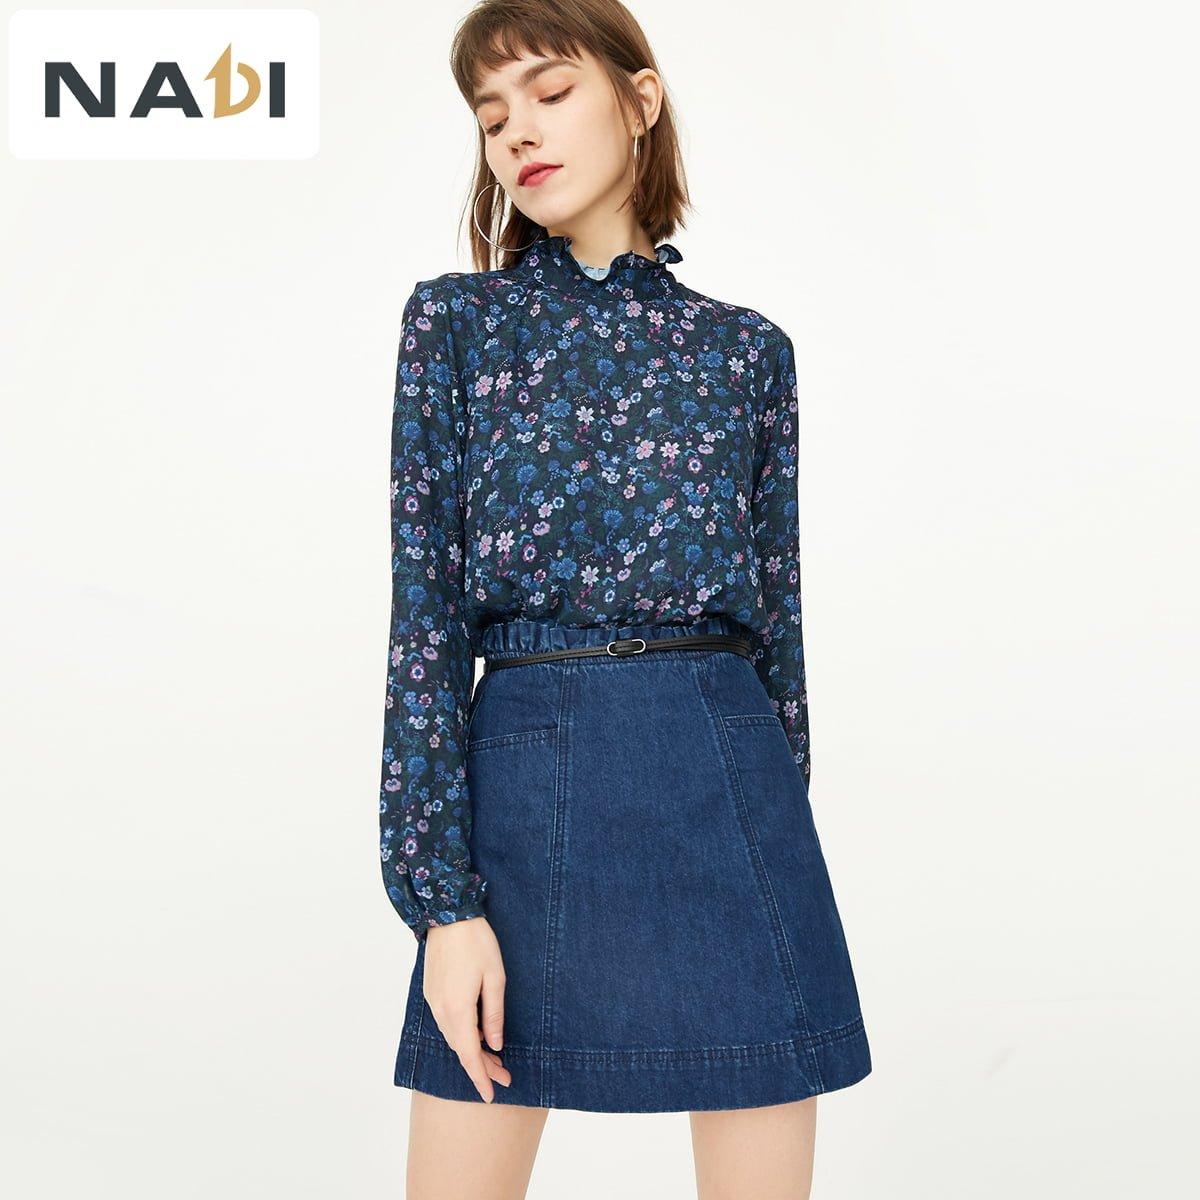 """Phối hợp giữa chân váy xoè bồng + sơ mi tay dài - set đồ mix&match cho nữ công sở """"bánh bèo"""" vào hai mùa hạ và đông cũng khá hay ho và đẹp mắt đấy"""